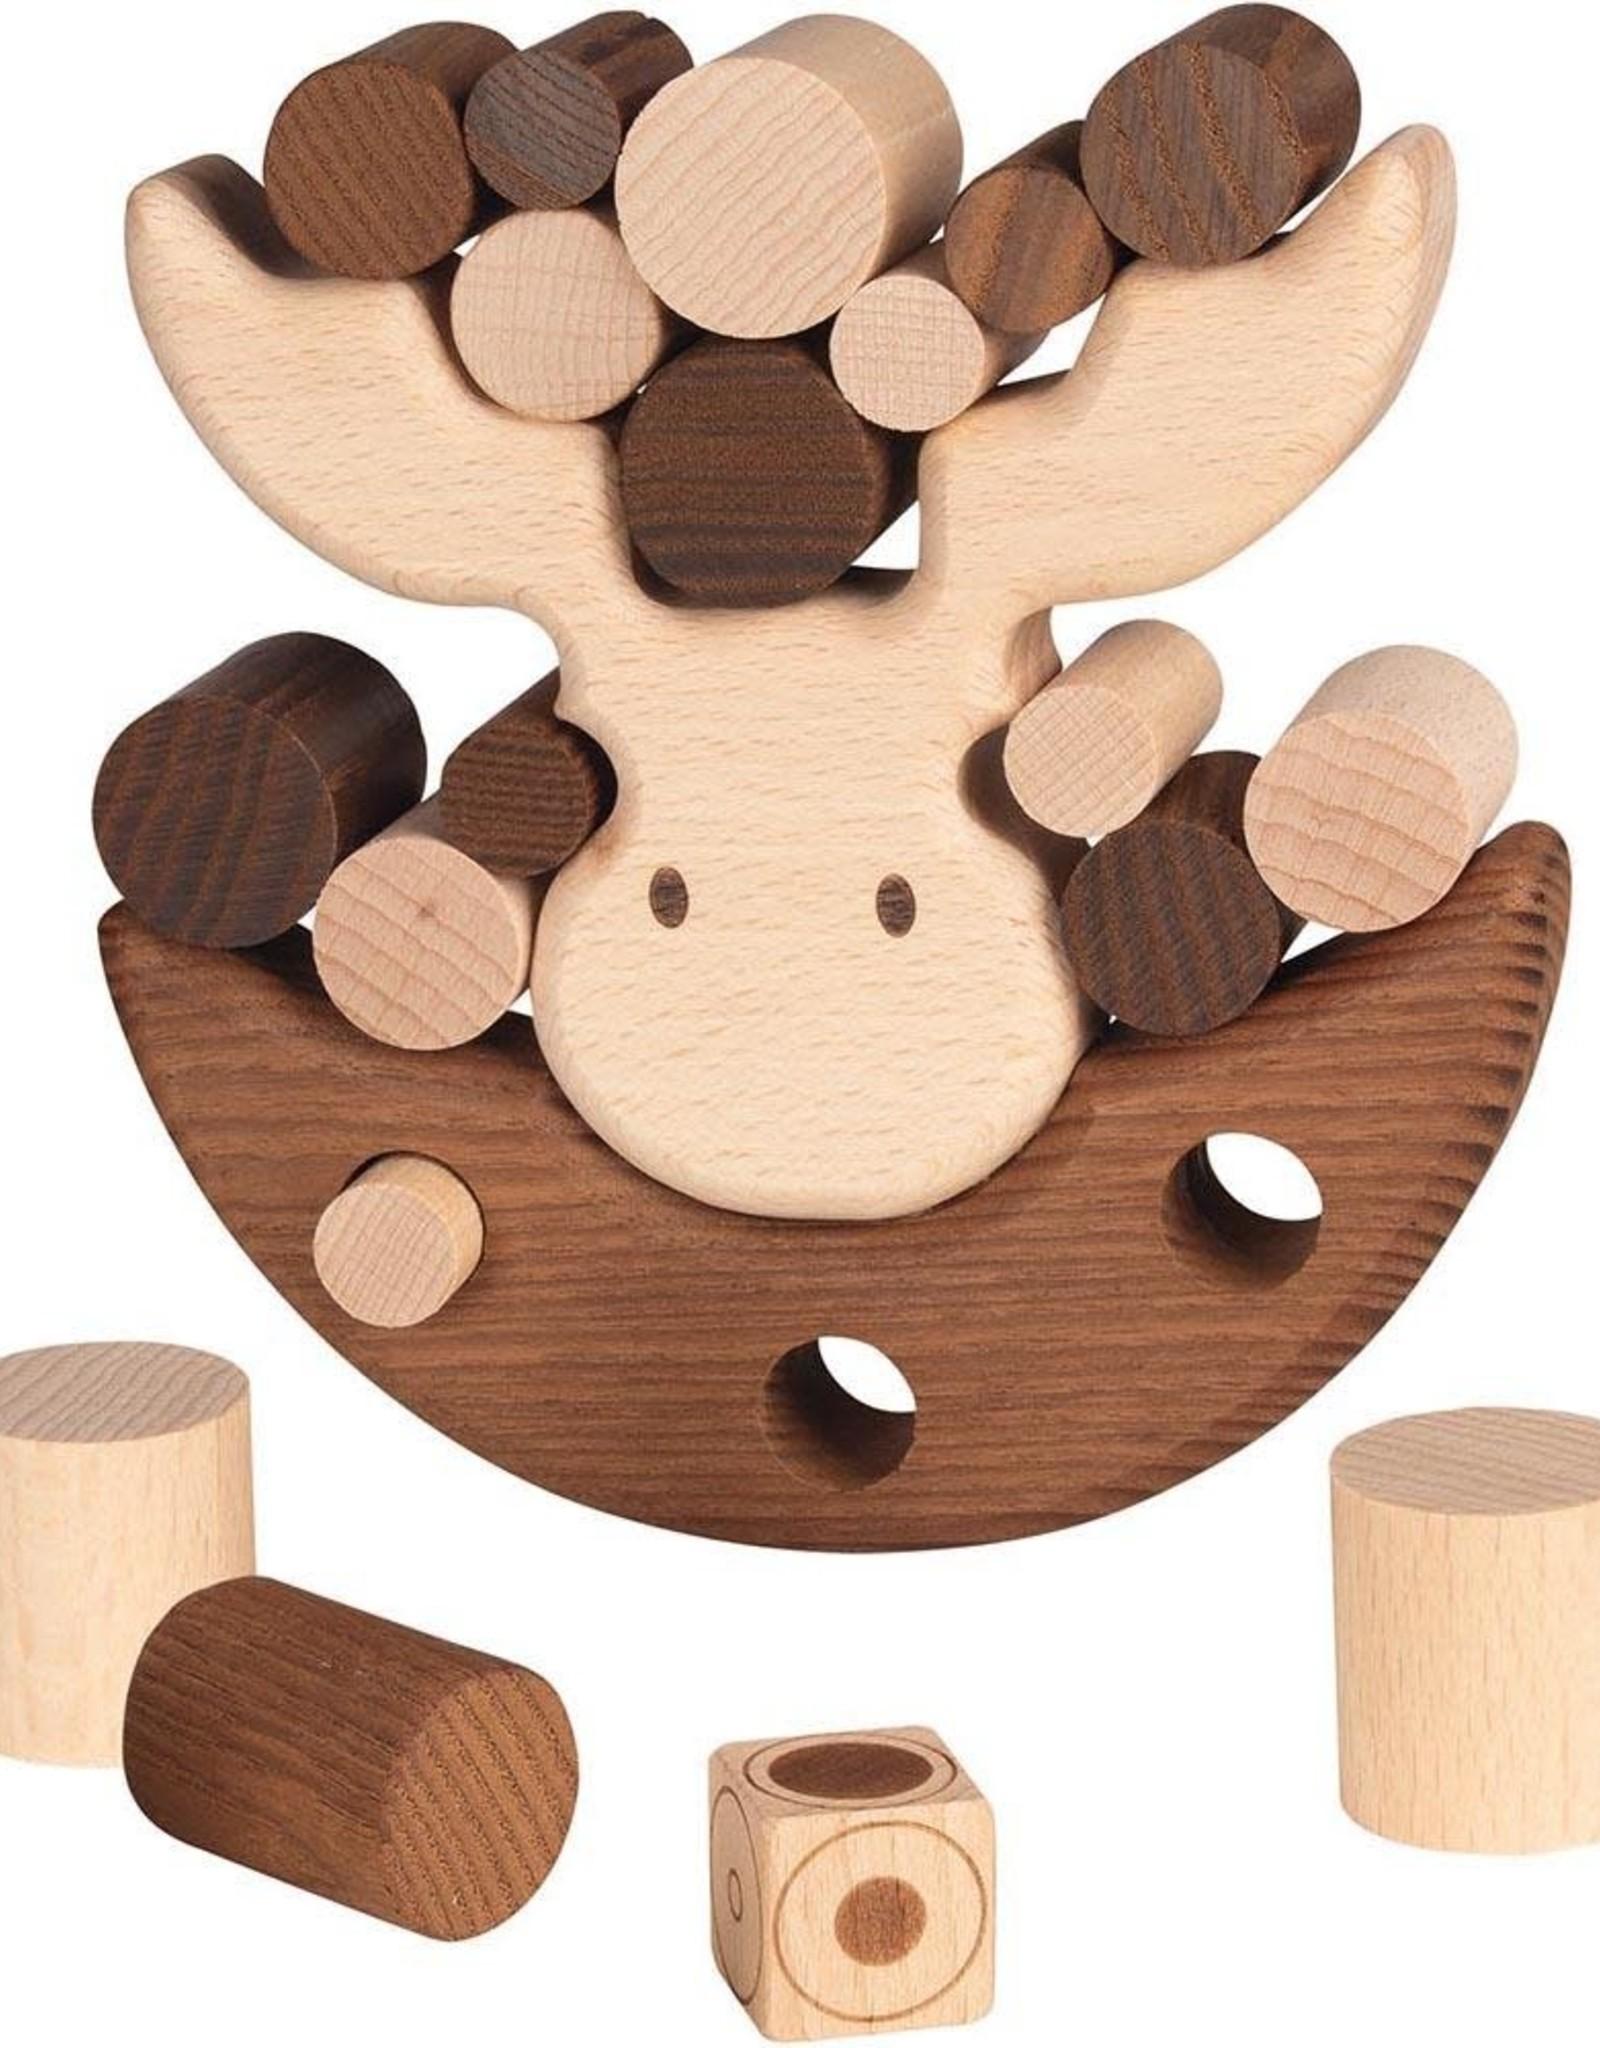 Goki Goki Moose Balancing Game, Goki Nature